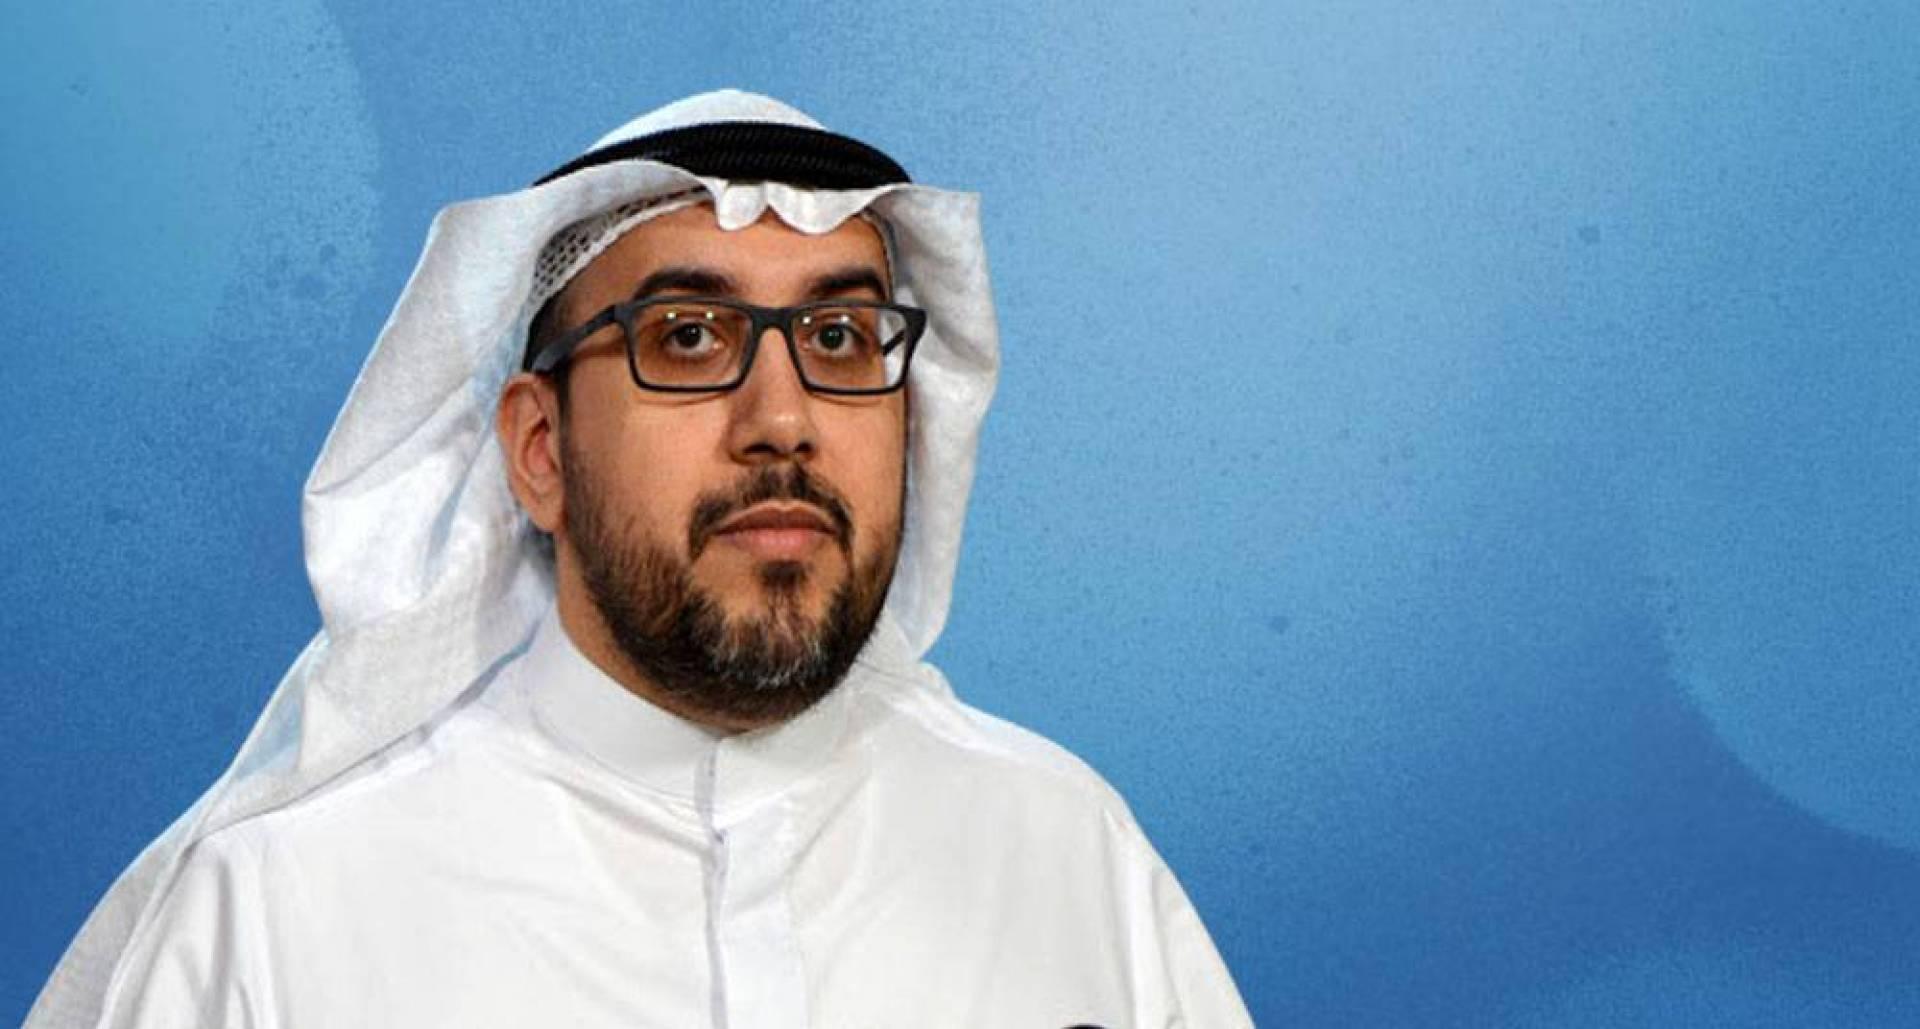 الشاهين يسأل وزير الصحة عن بطء التطعيمات في الكويت.. مقارنة بدول الخليج